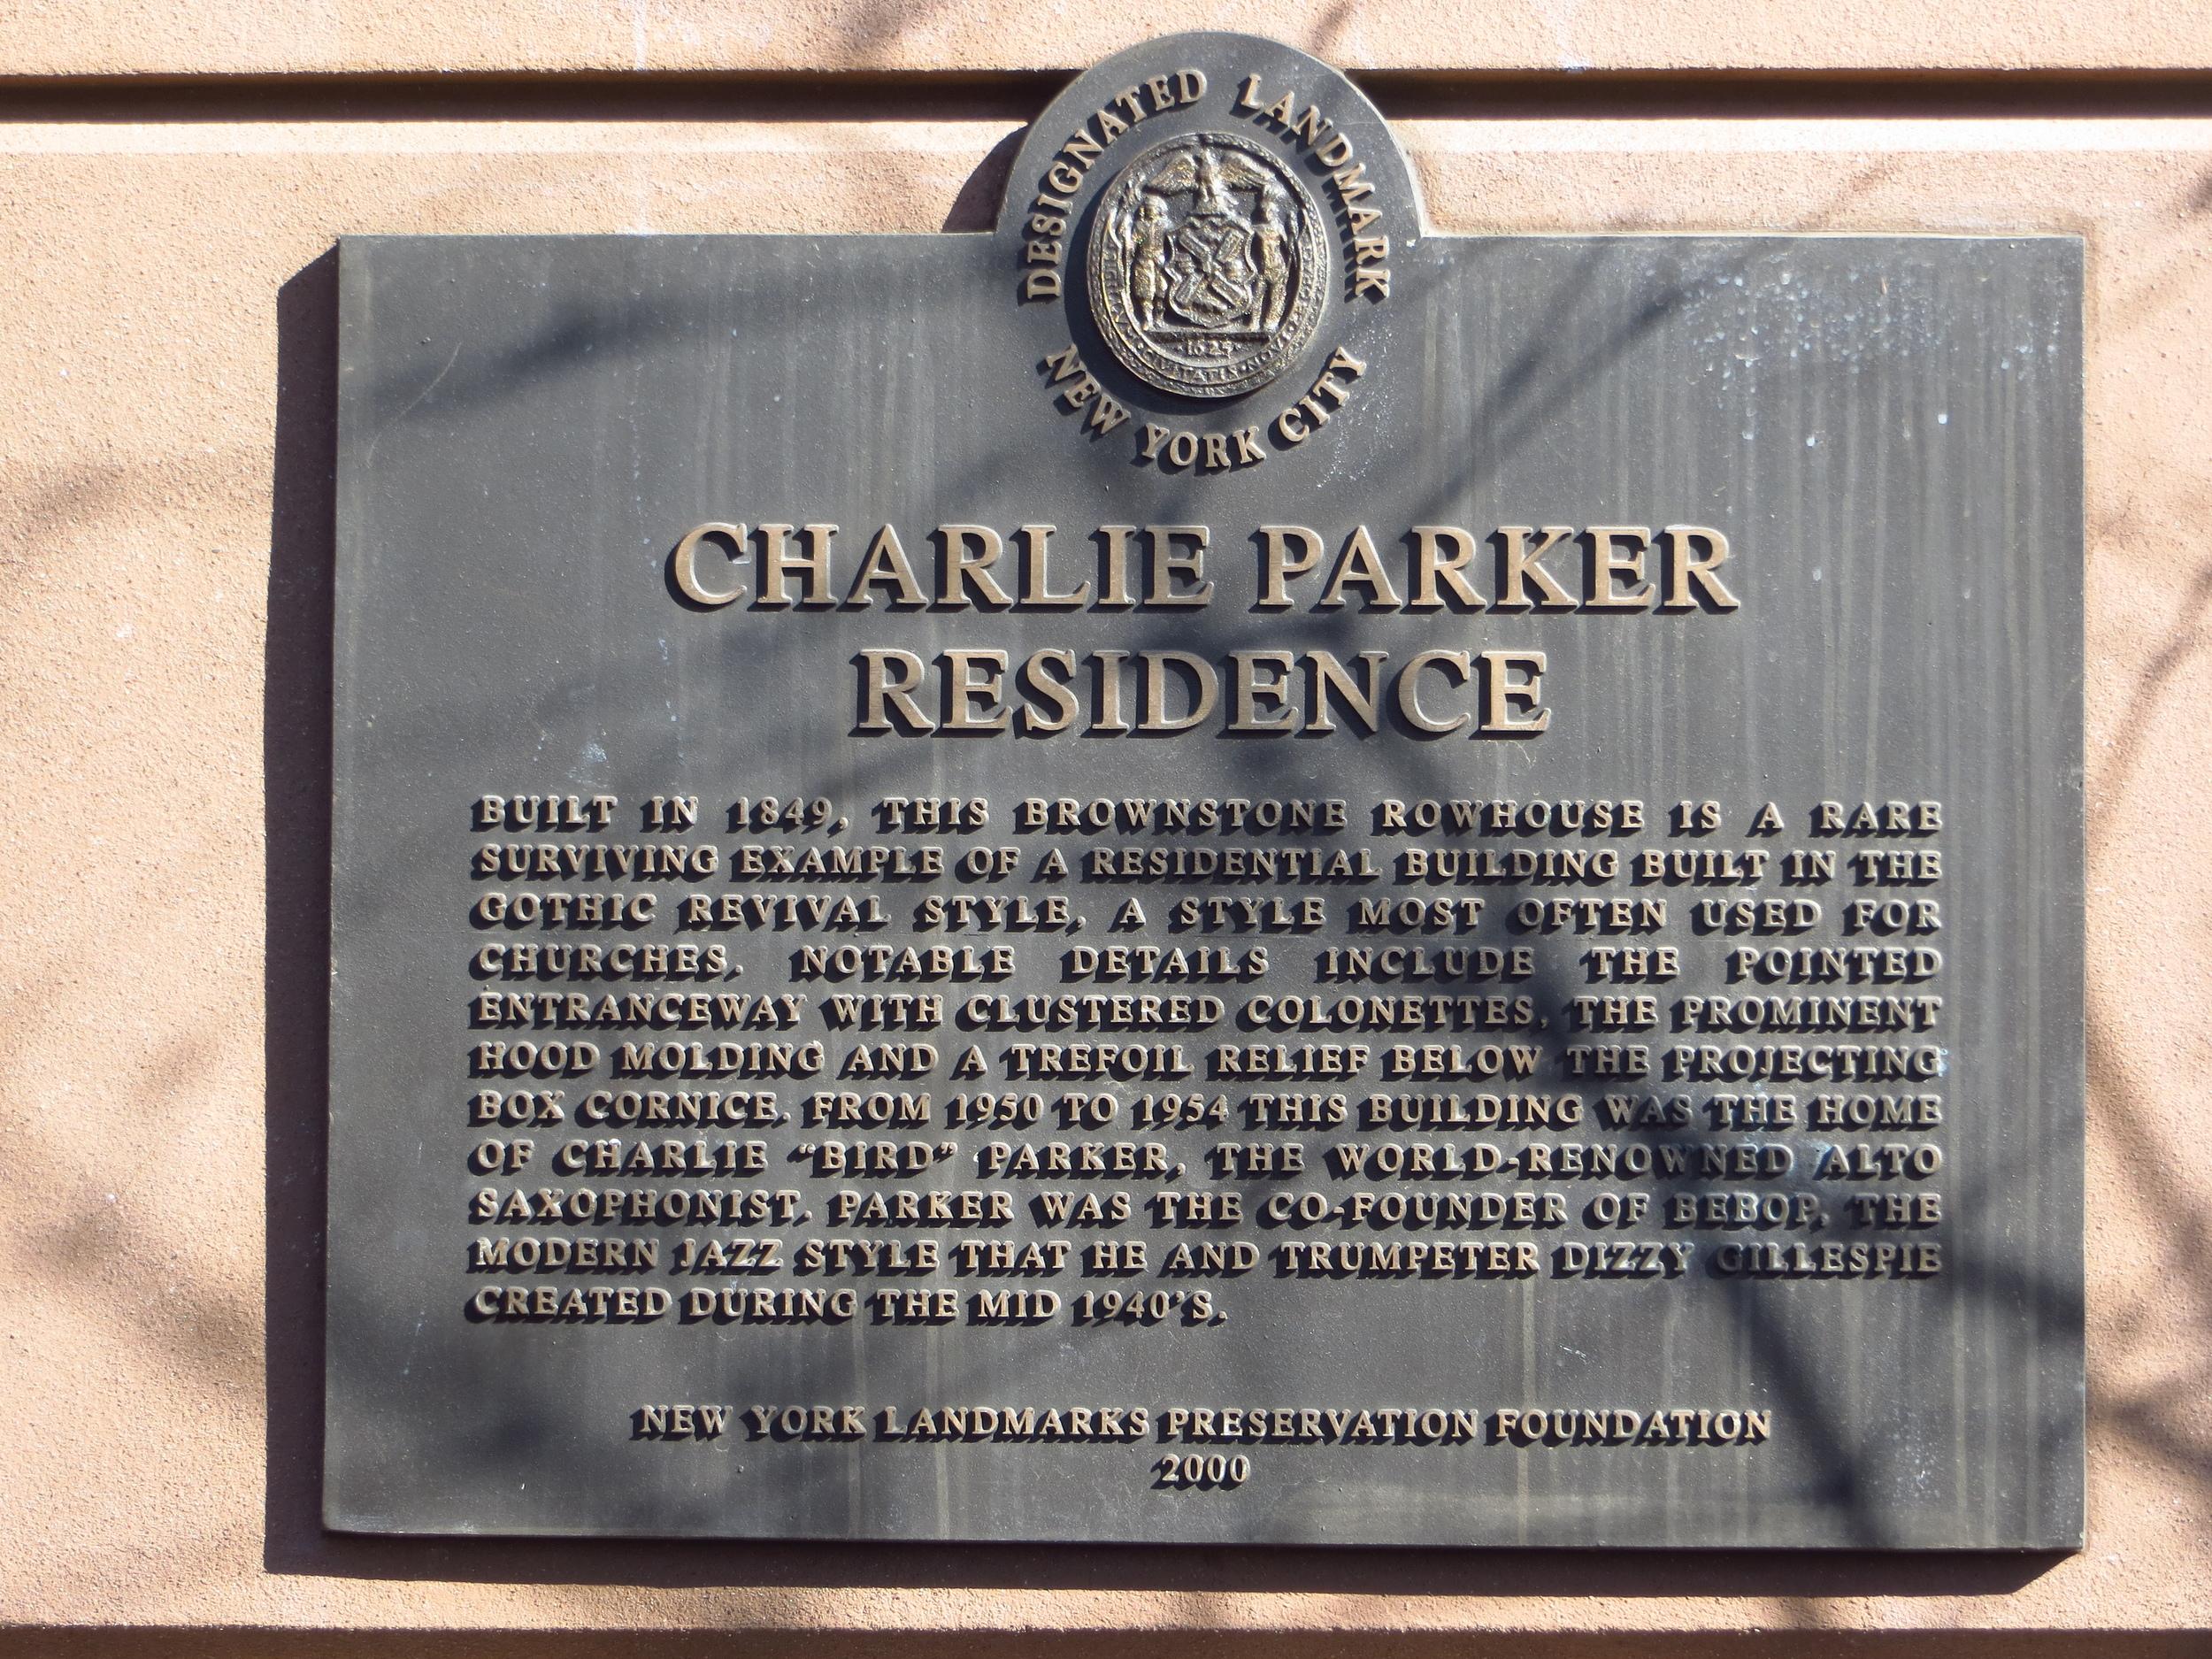 Former home of Charlie Parker